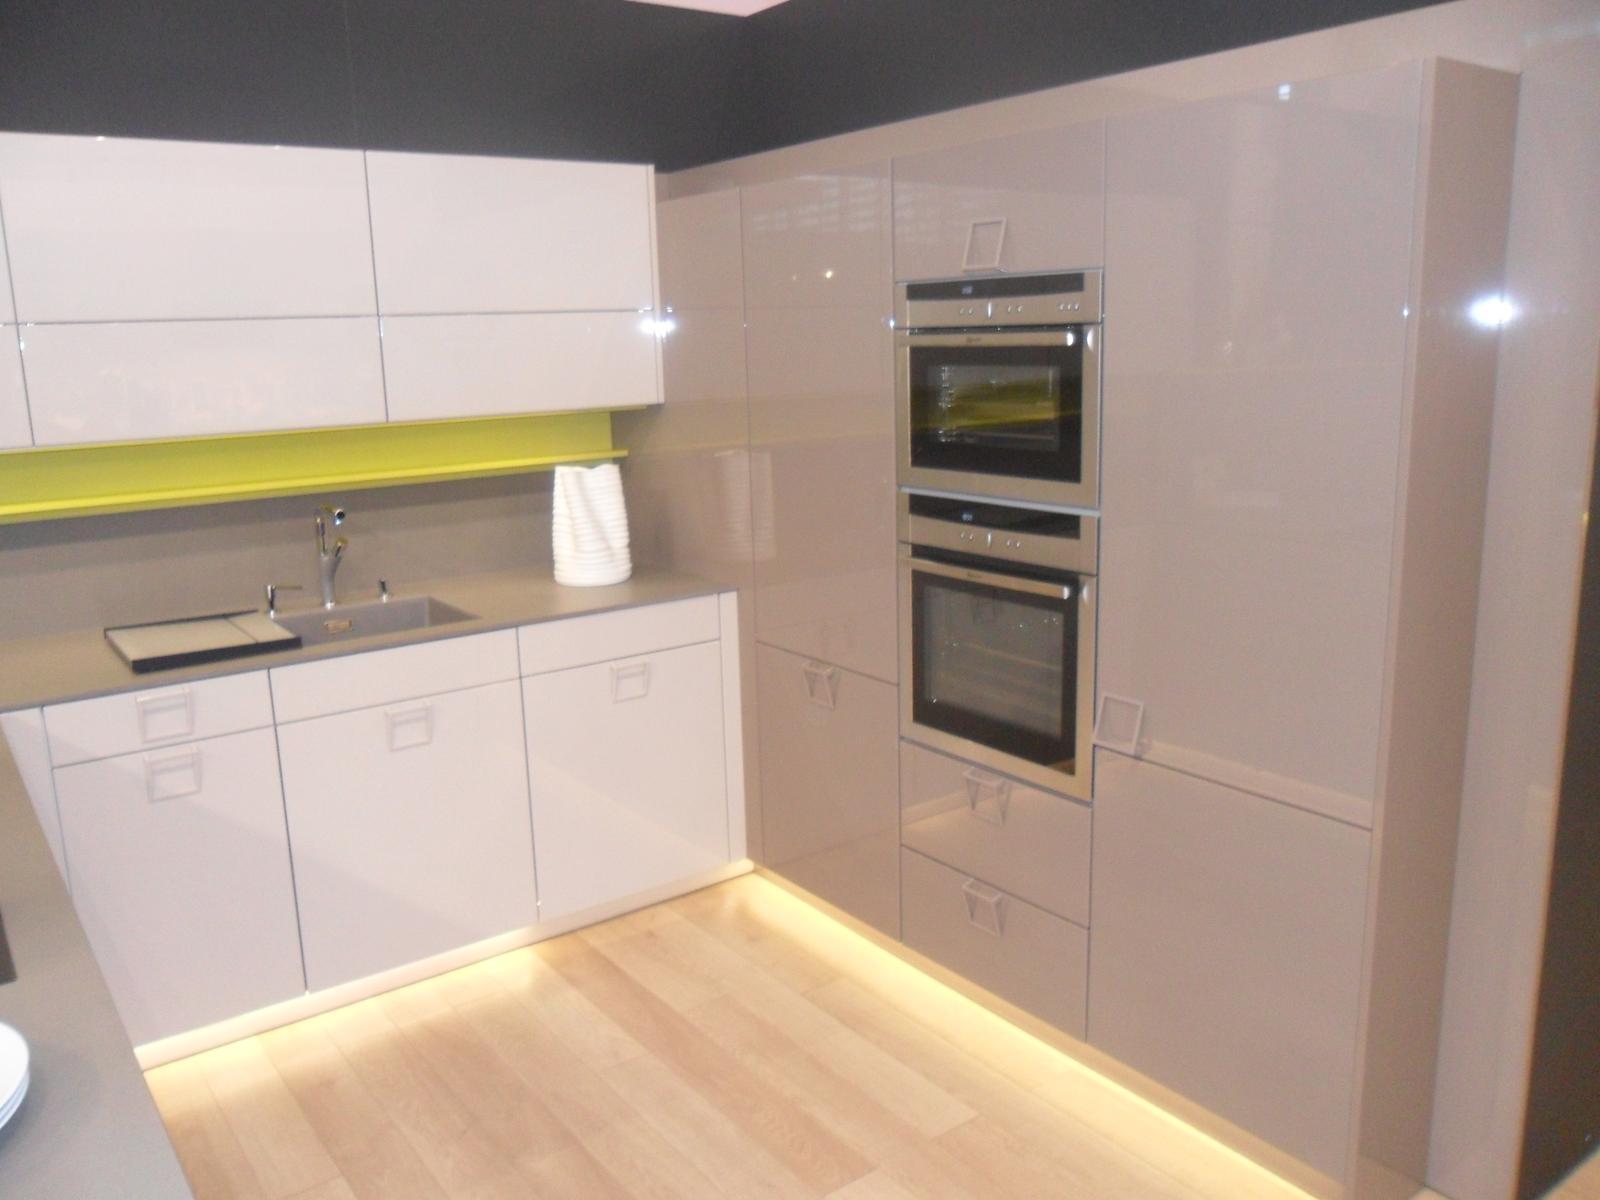 Výstava nábytku Viedeň - kuchyne - Obrázok č. 31